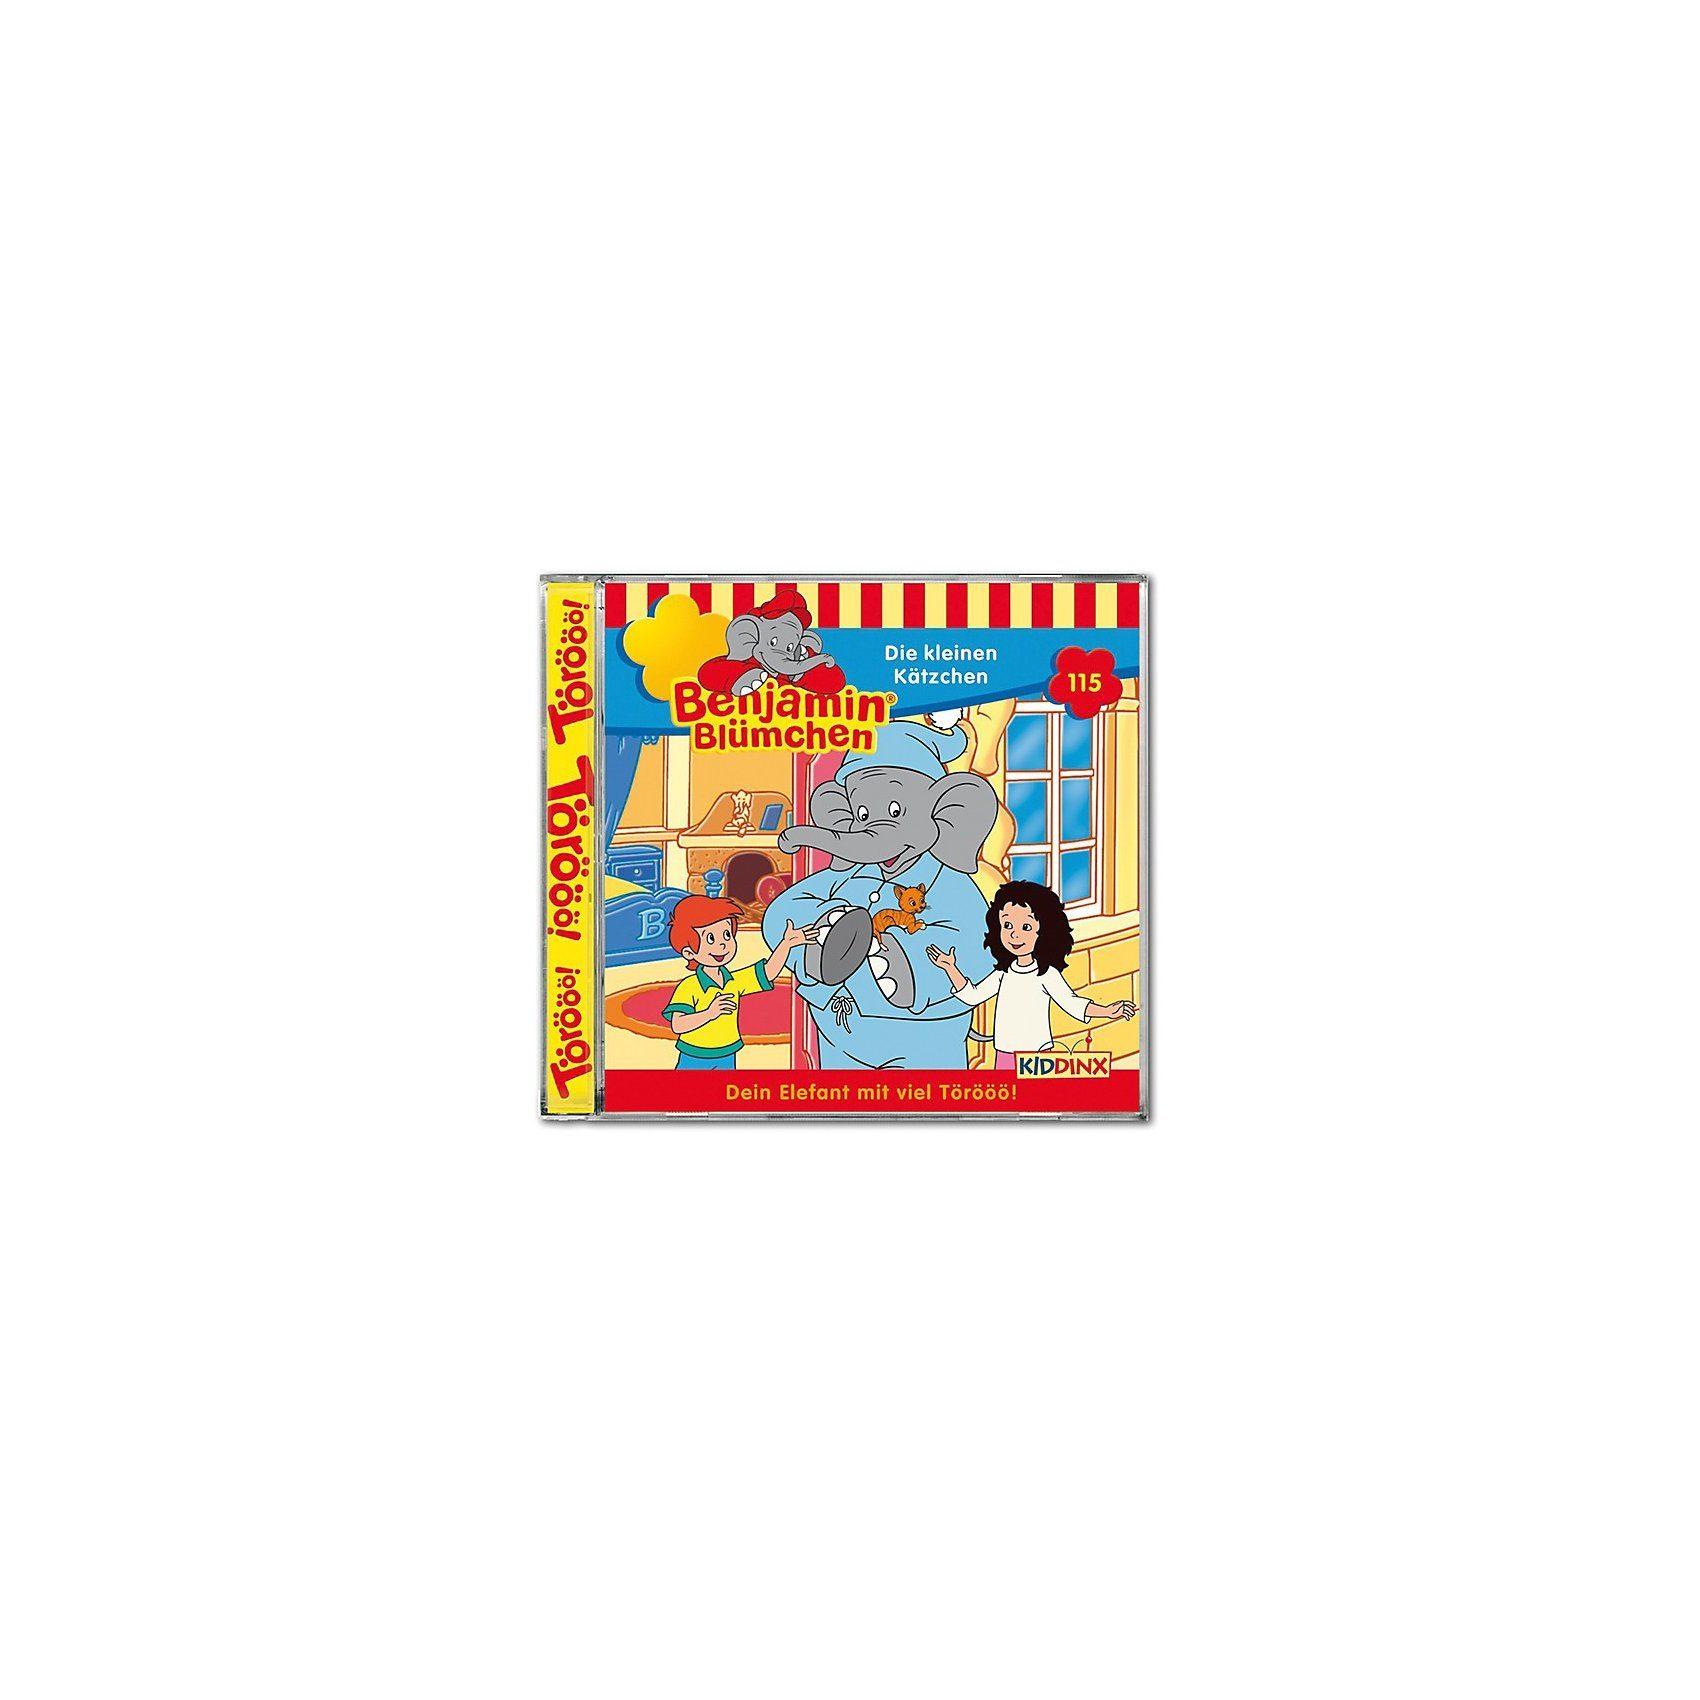 Kiddinx CD Benjamin Blümchen 115 - Die kleinen Kätzchen